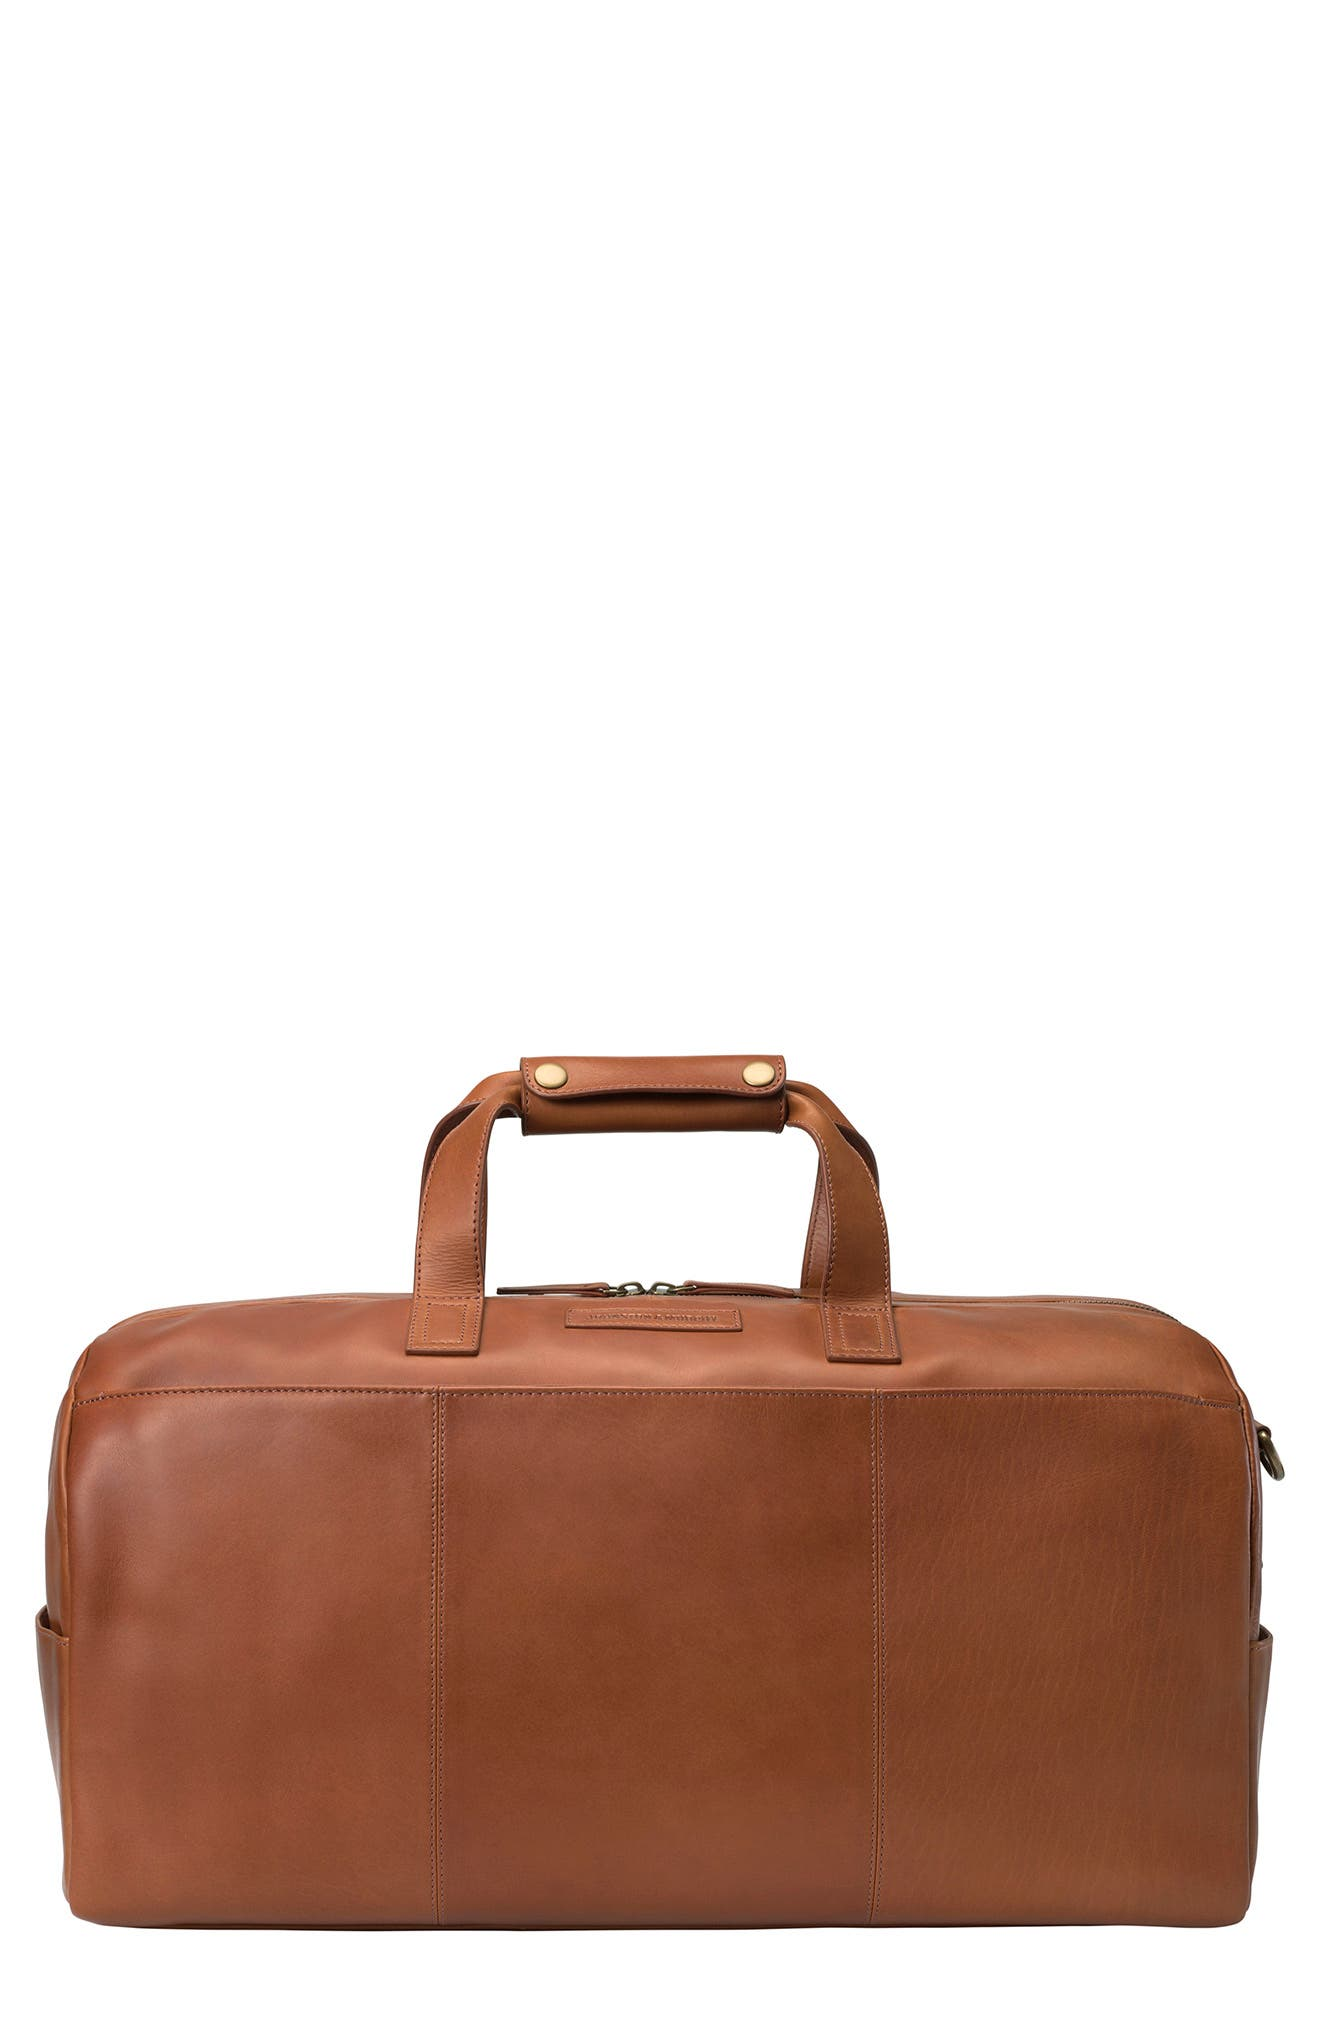 Rhodes Duffle Bag